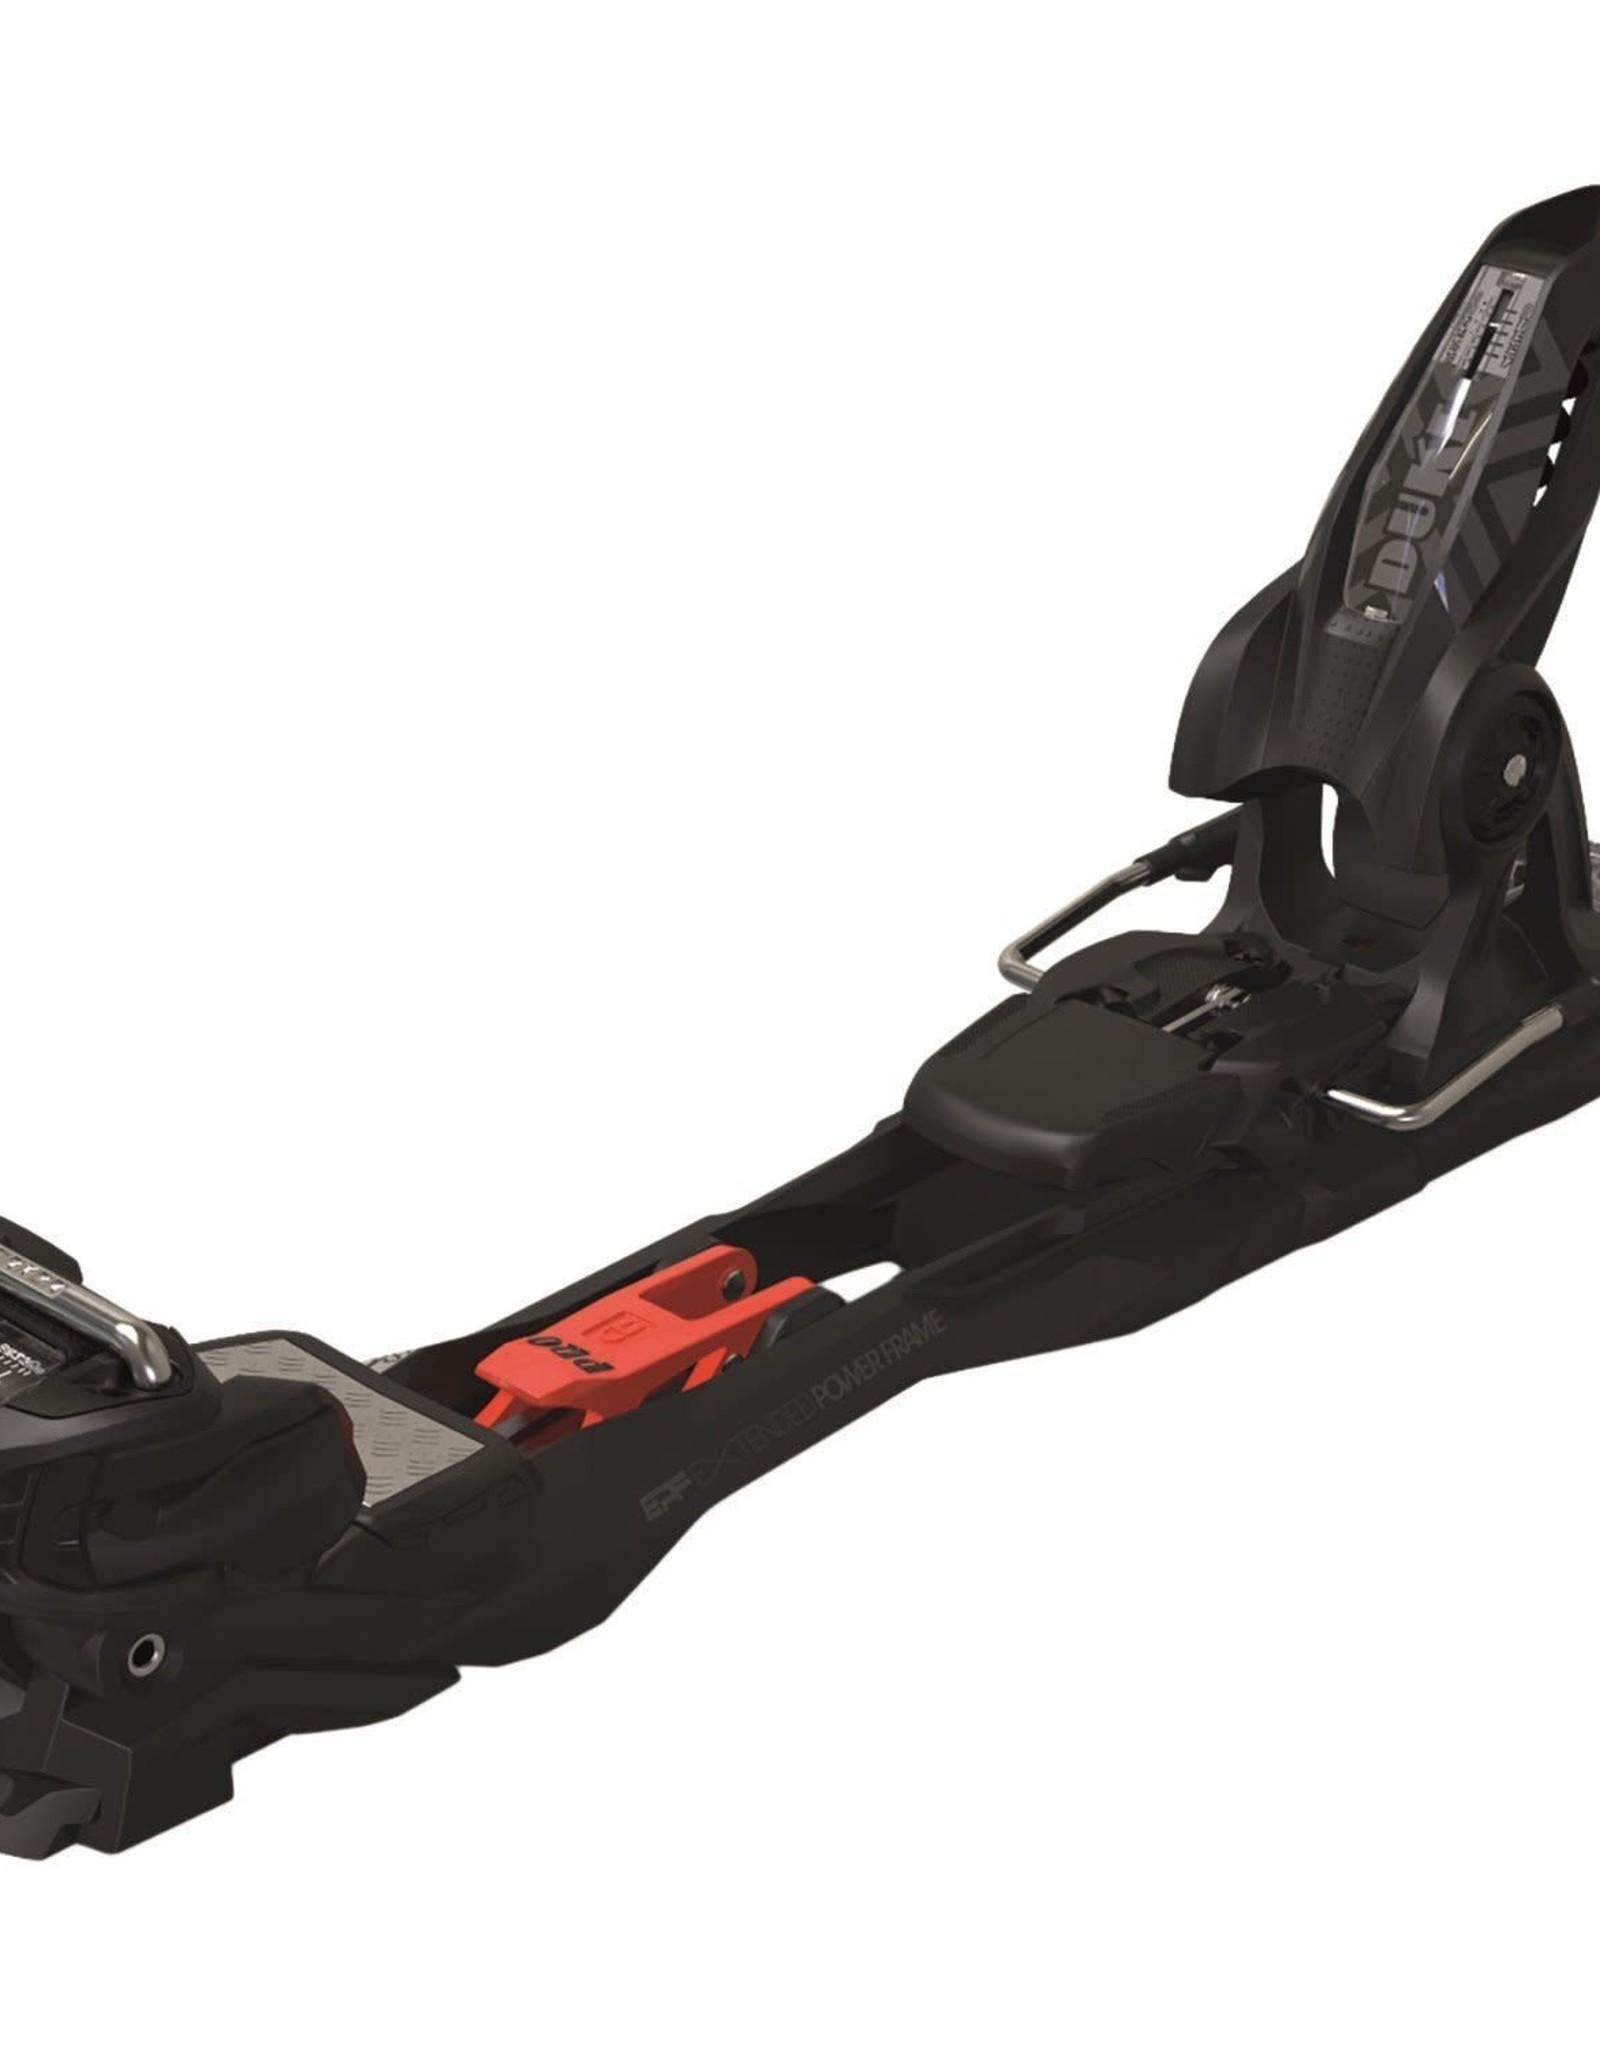 Marker MARKER Binding DUKE PRO EPF 18  Large 305-365mm  Black 110mm Brakes